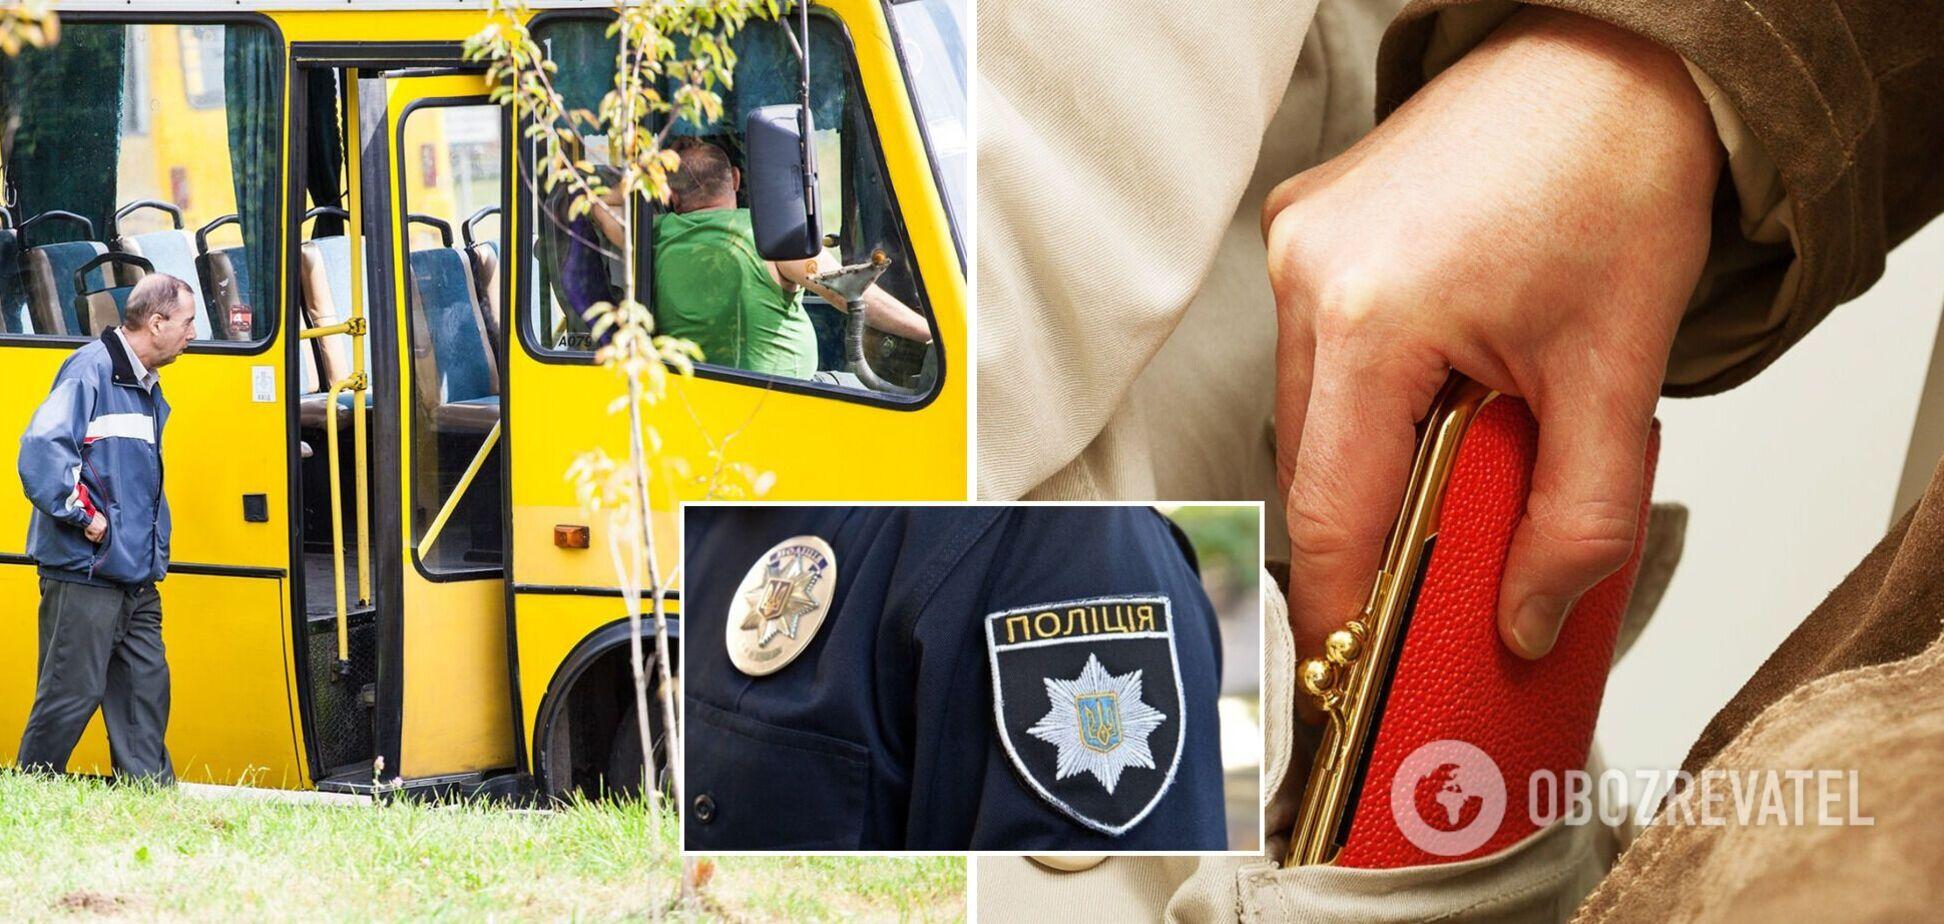 Во Львове полицейский в выходной задержал грабителя, орудовавшего в маршрутке. Фото